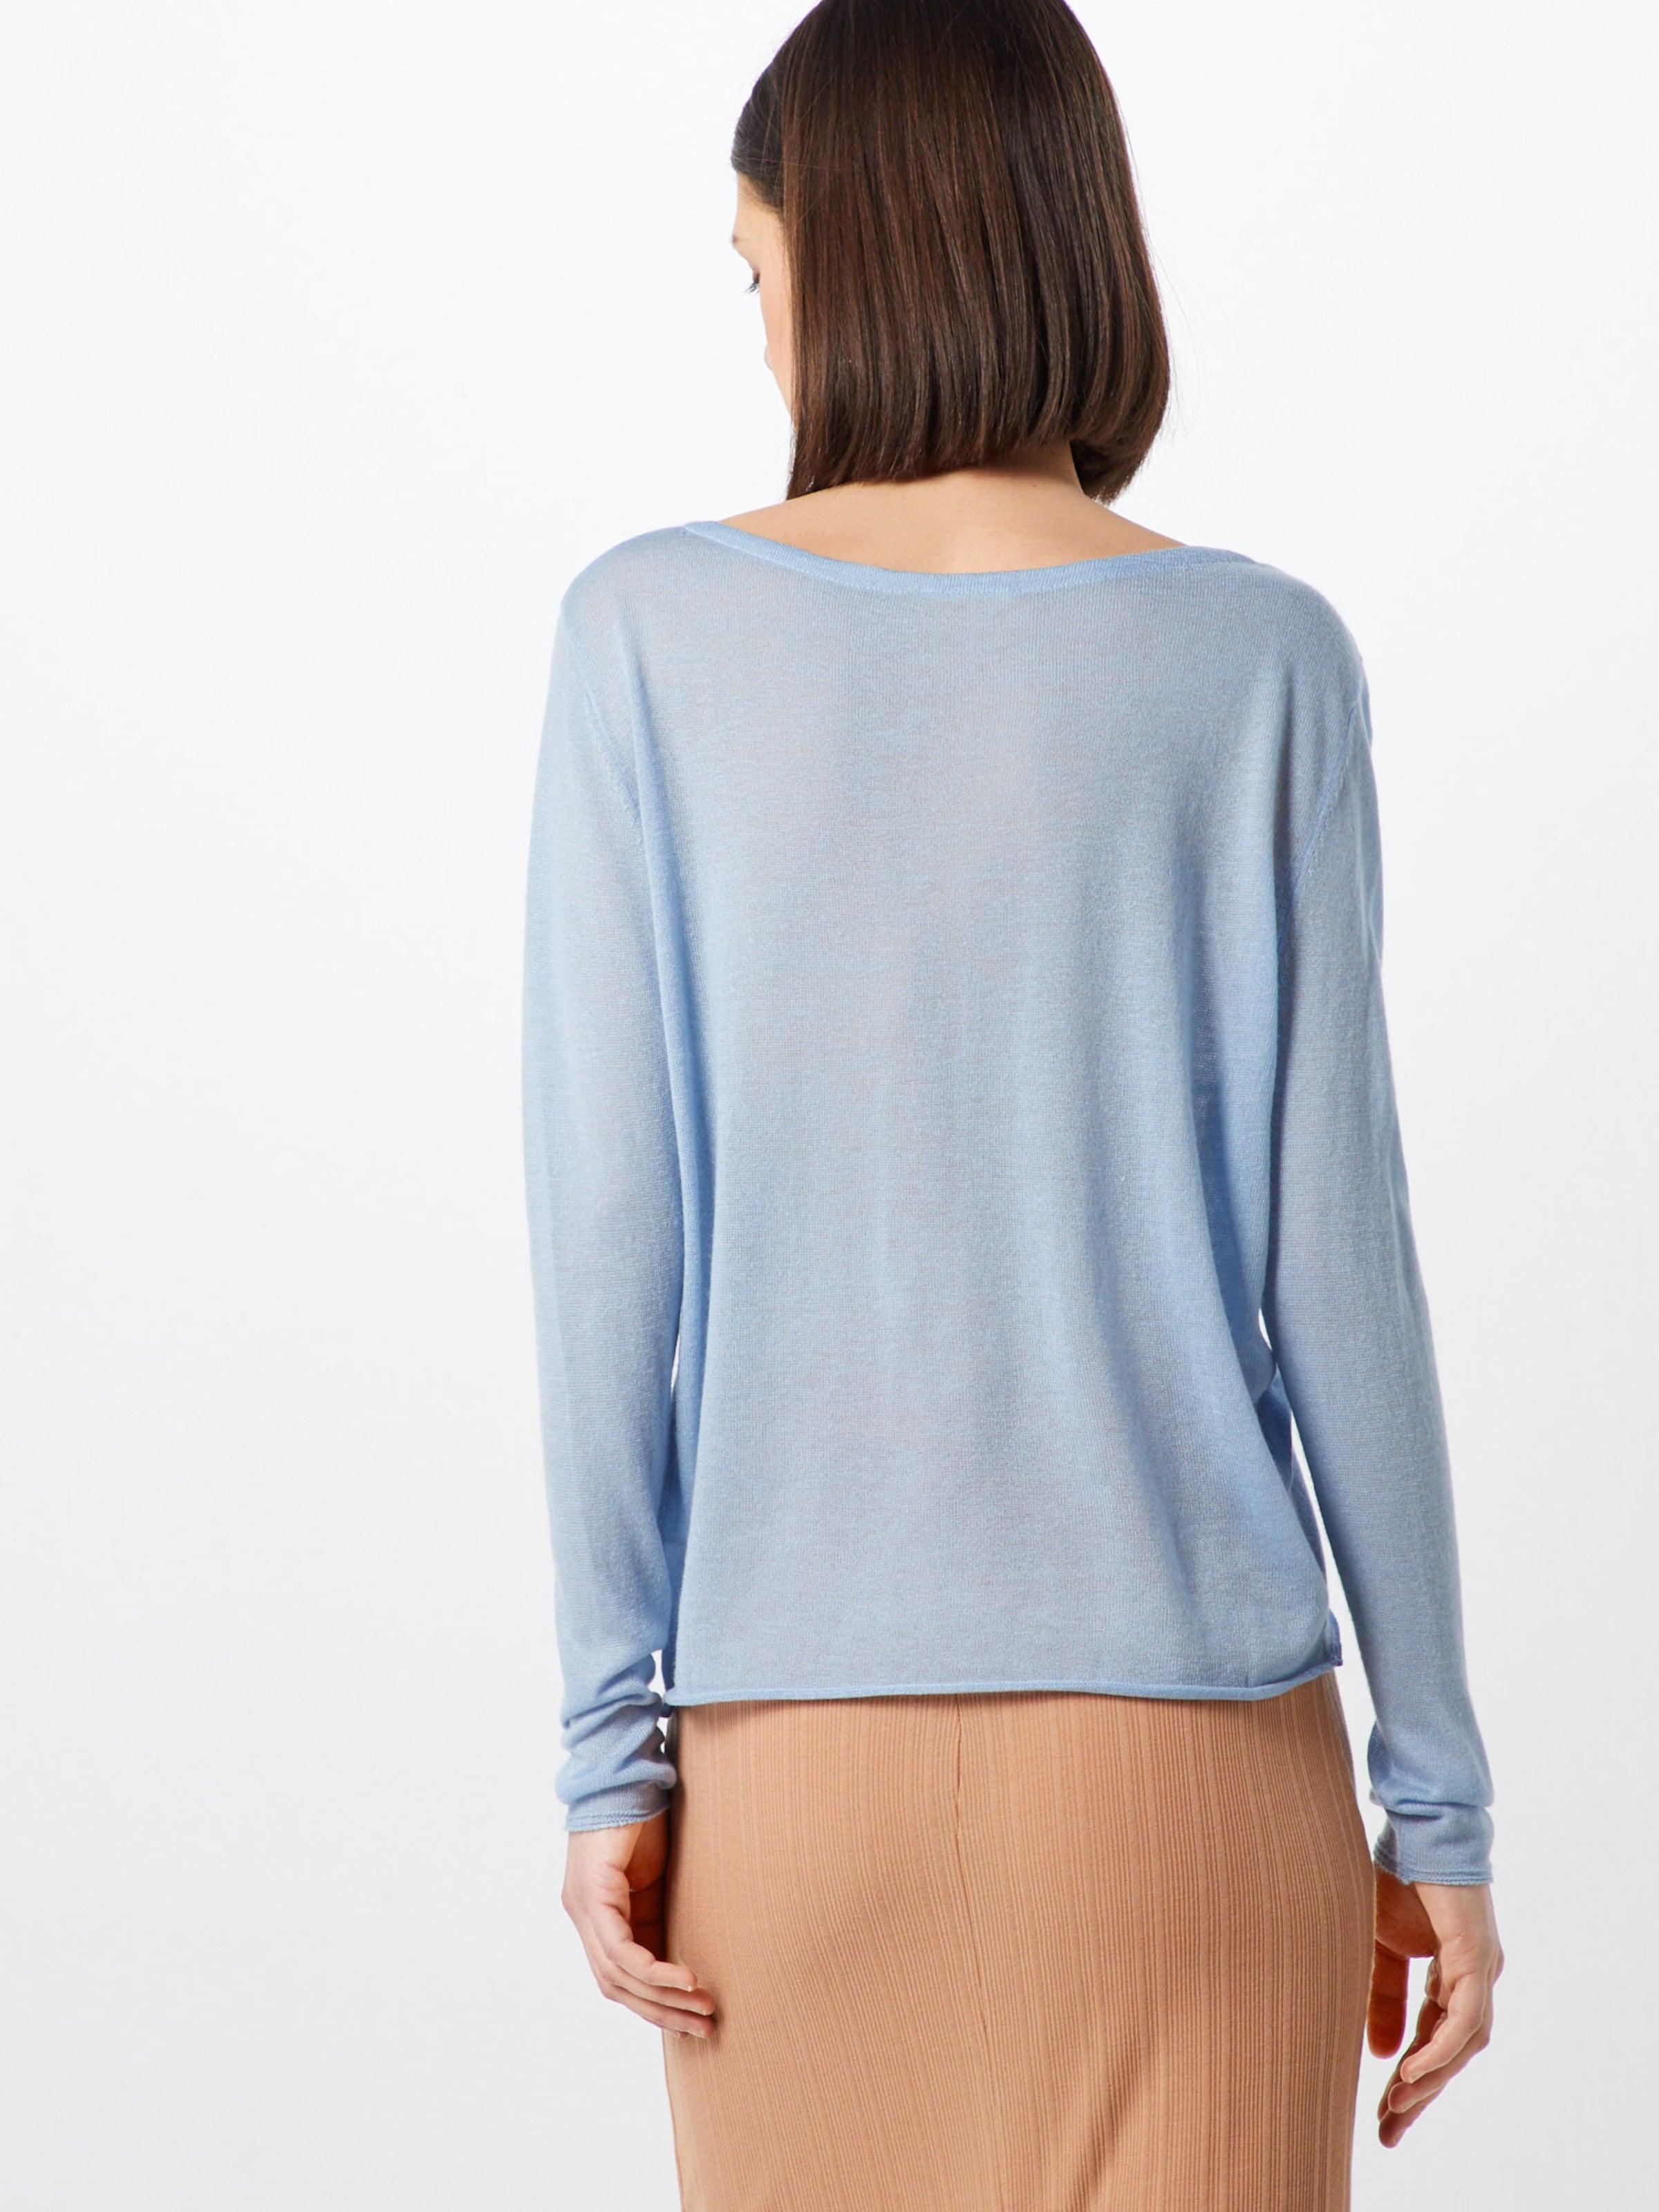 'spikeboo' American Vintage Hellblau In Pullover wmNn08